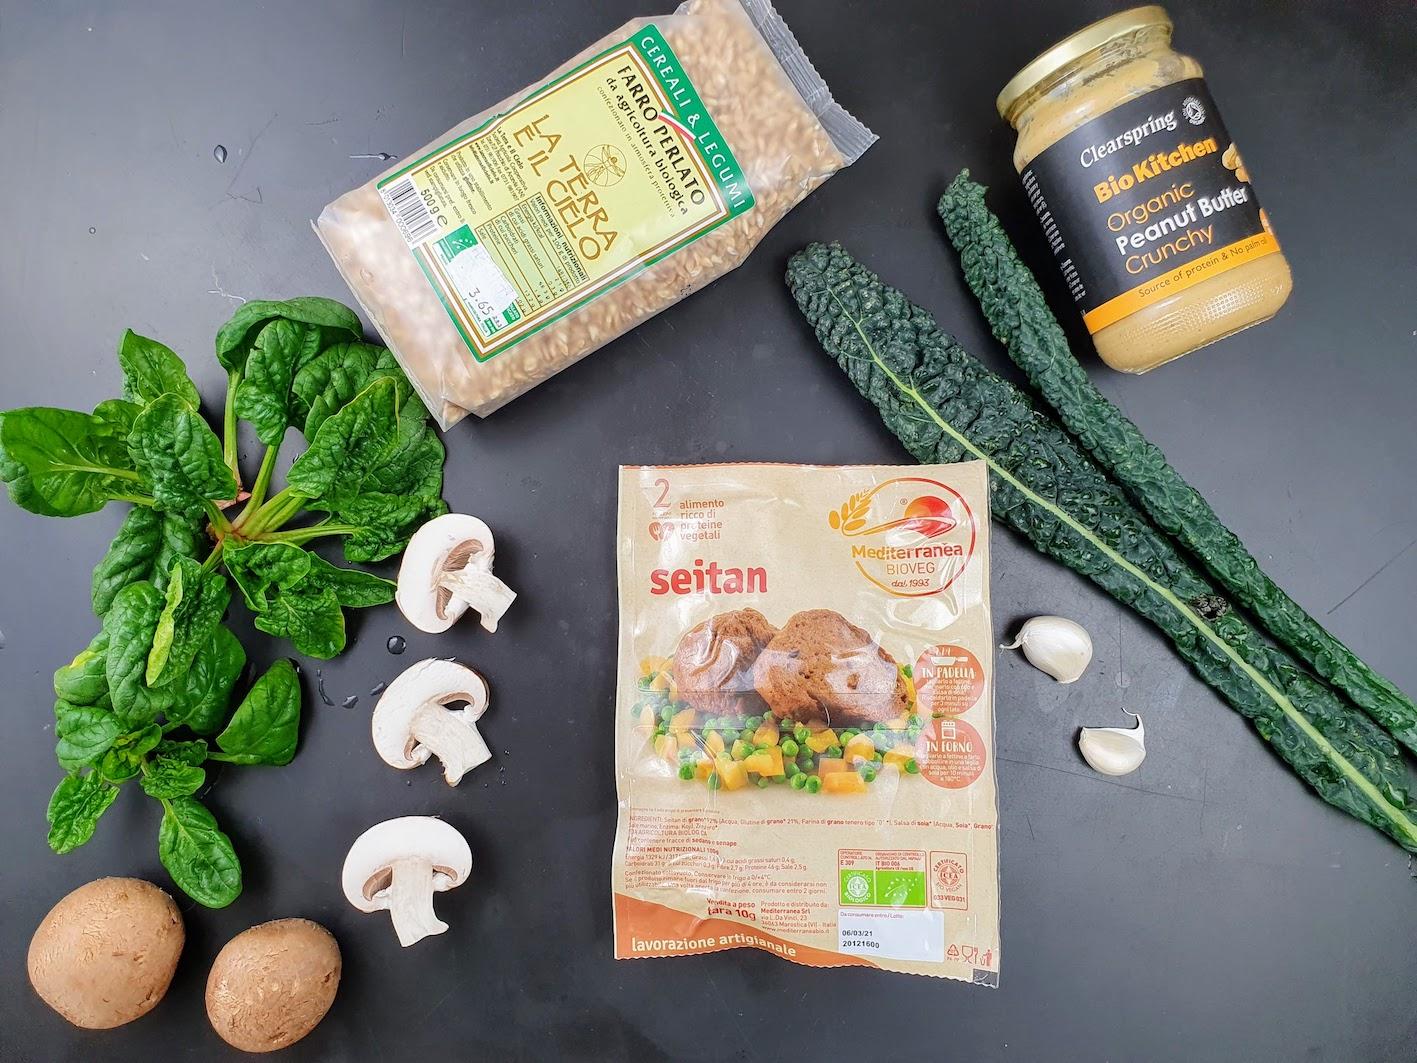 Ingredienti per Seitan con cereali e verdure jpg